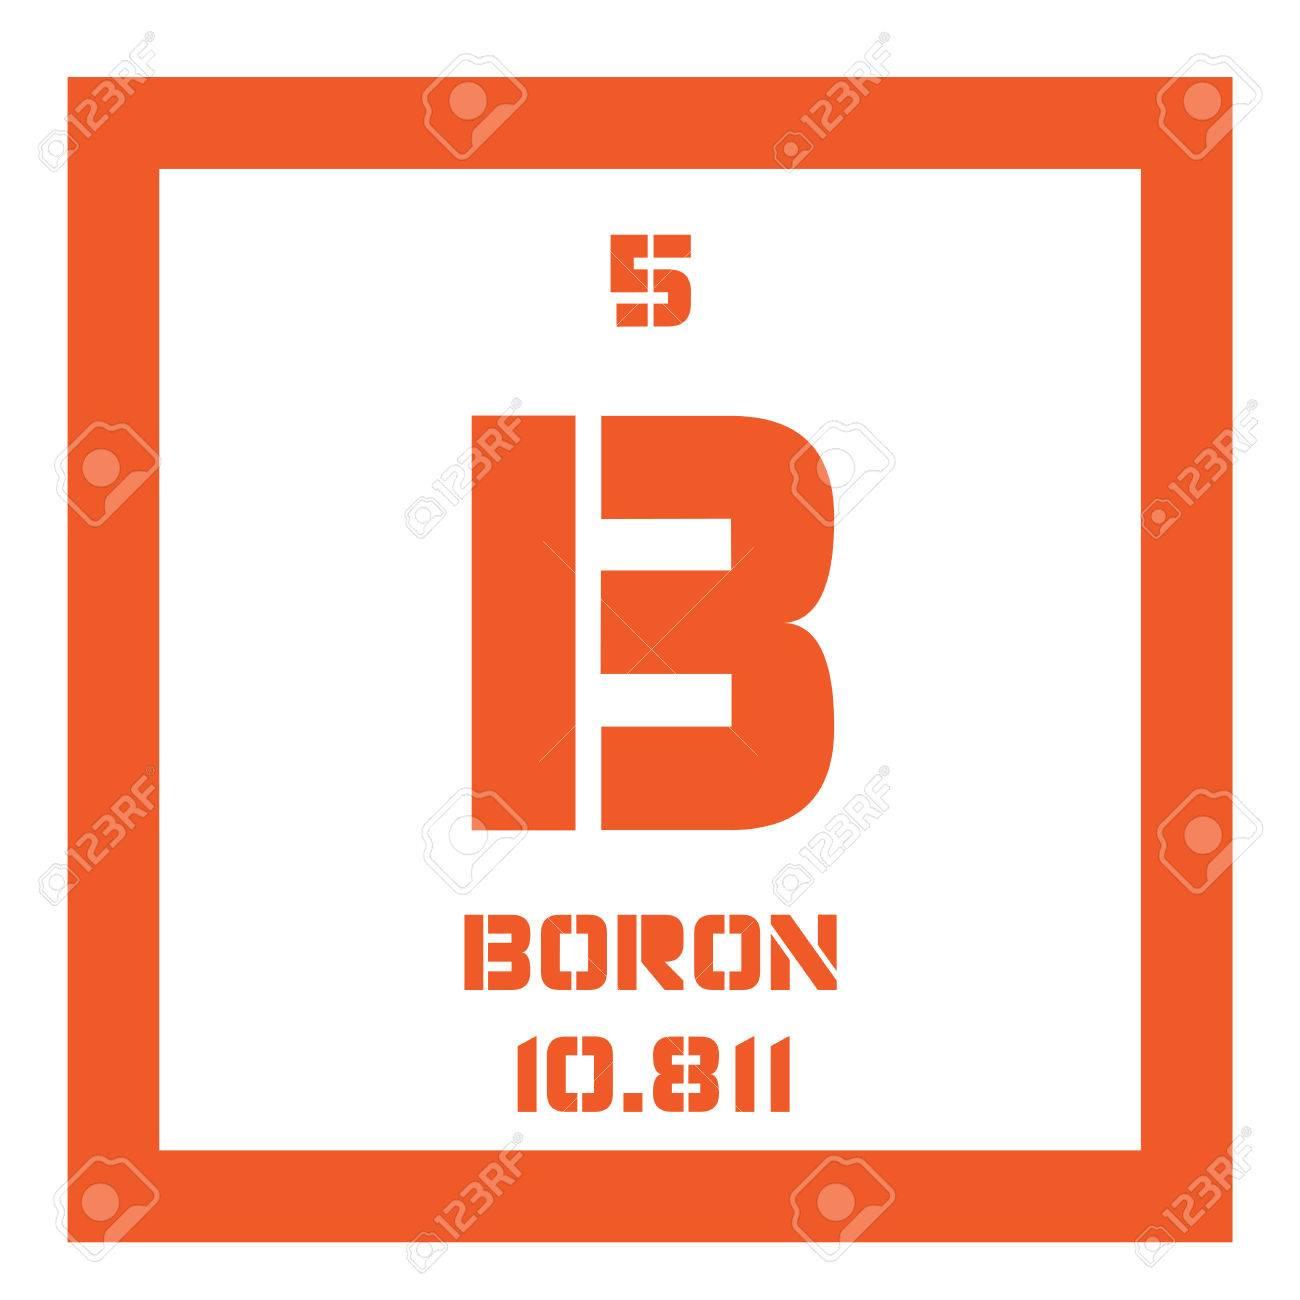 El boro elemento qumico un elemento de baja abundancia en el el boro elemento qumico un elemento de baja abundancia en el sistema solar icono urtaz Image collections